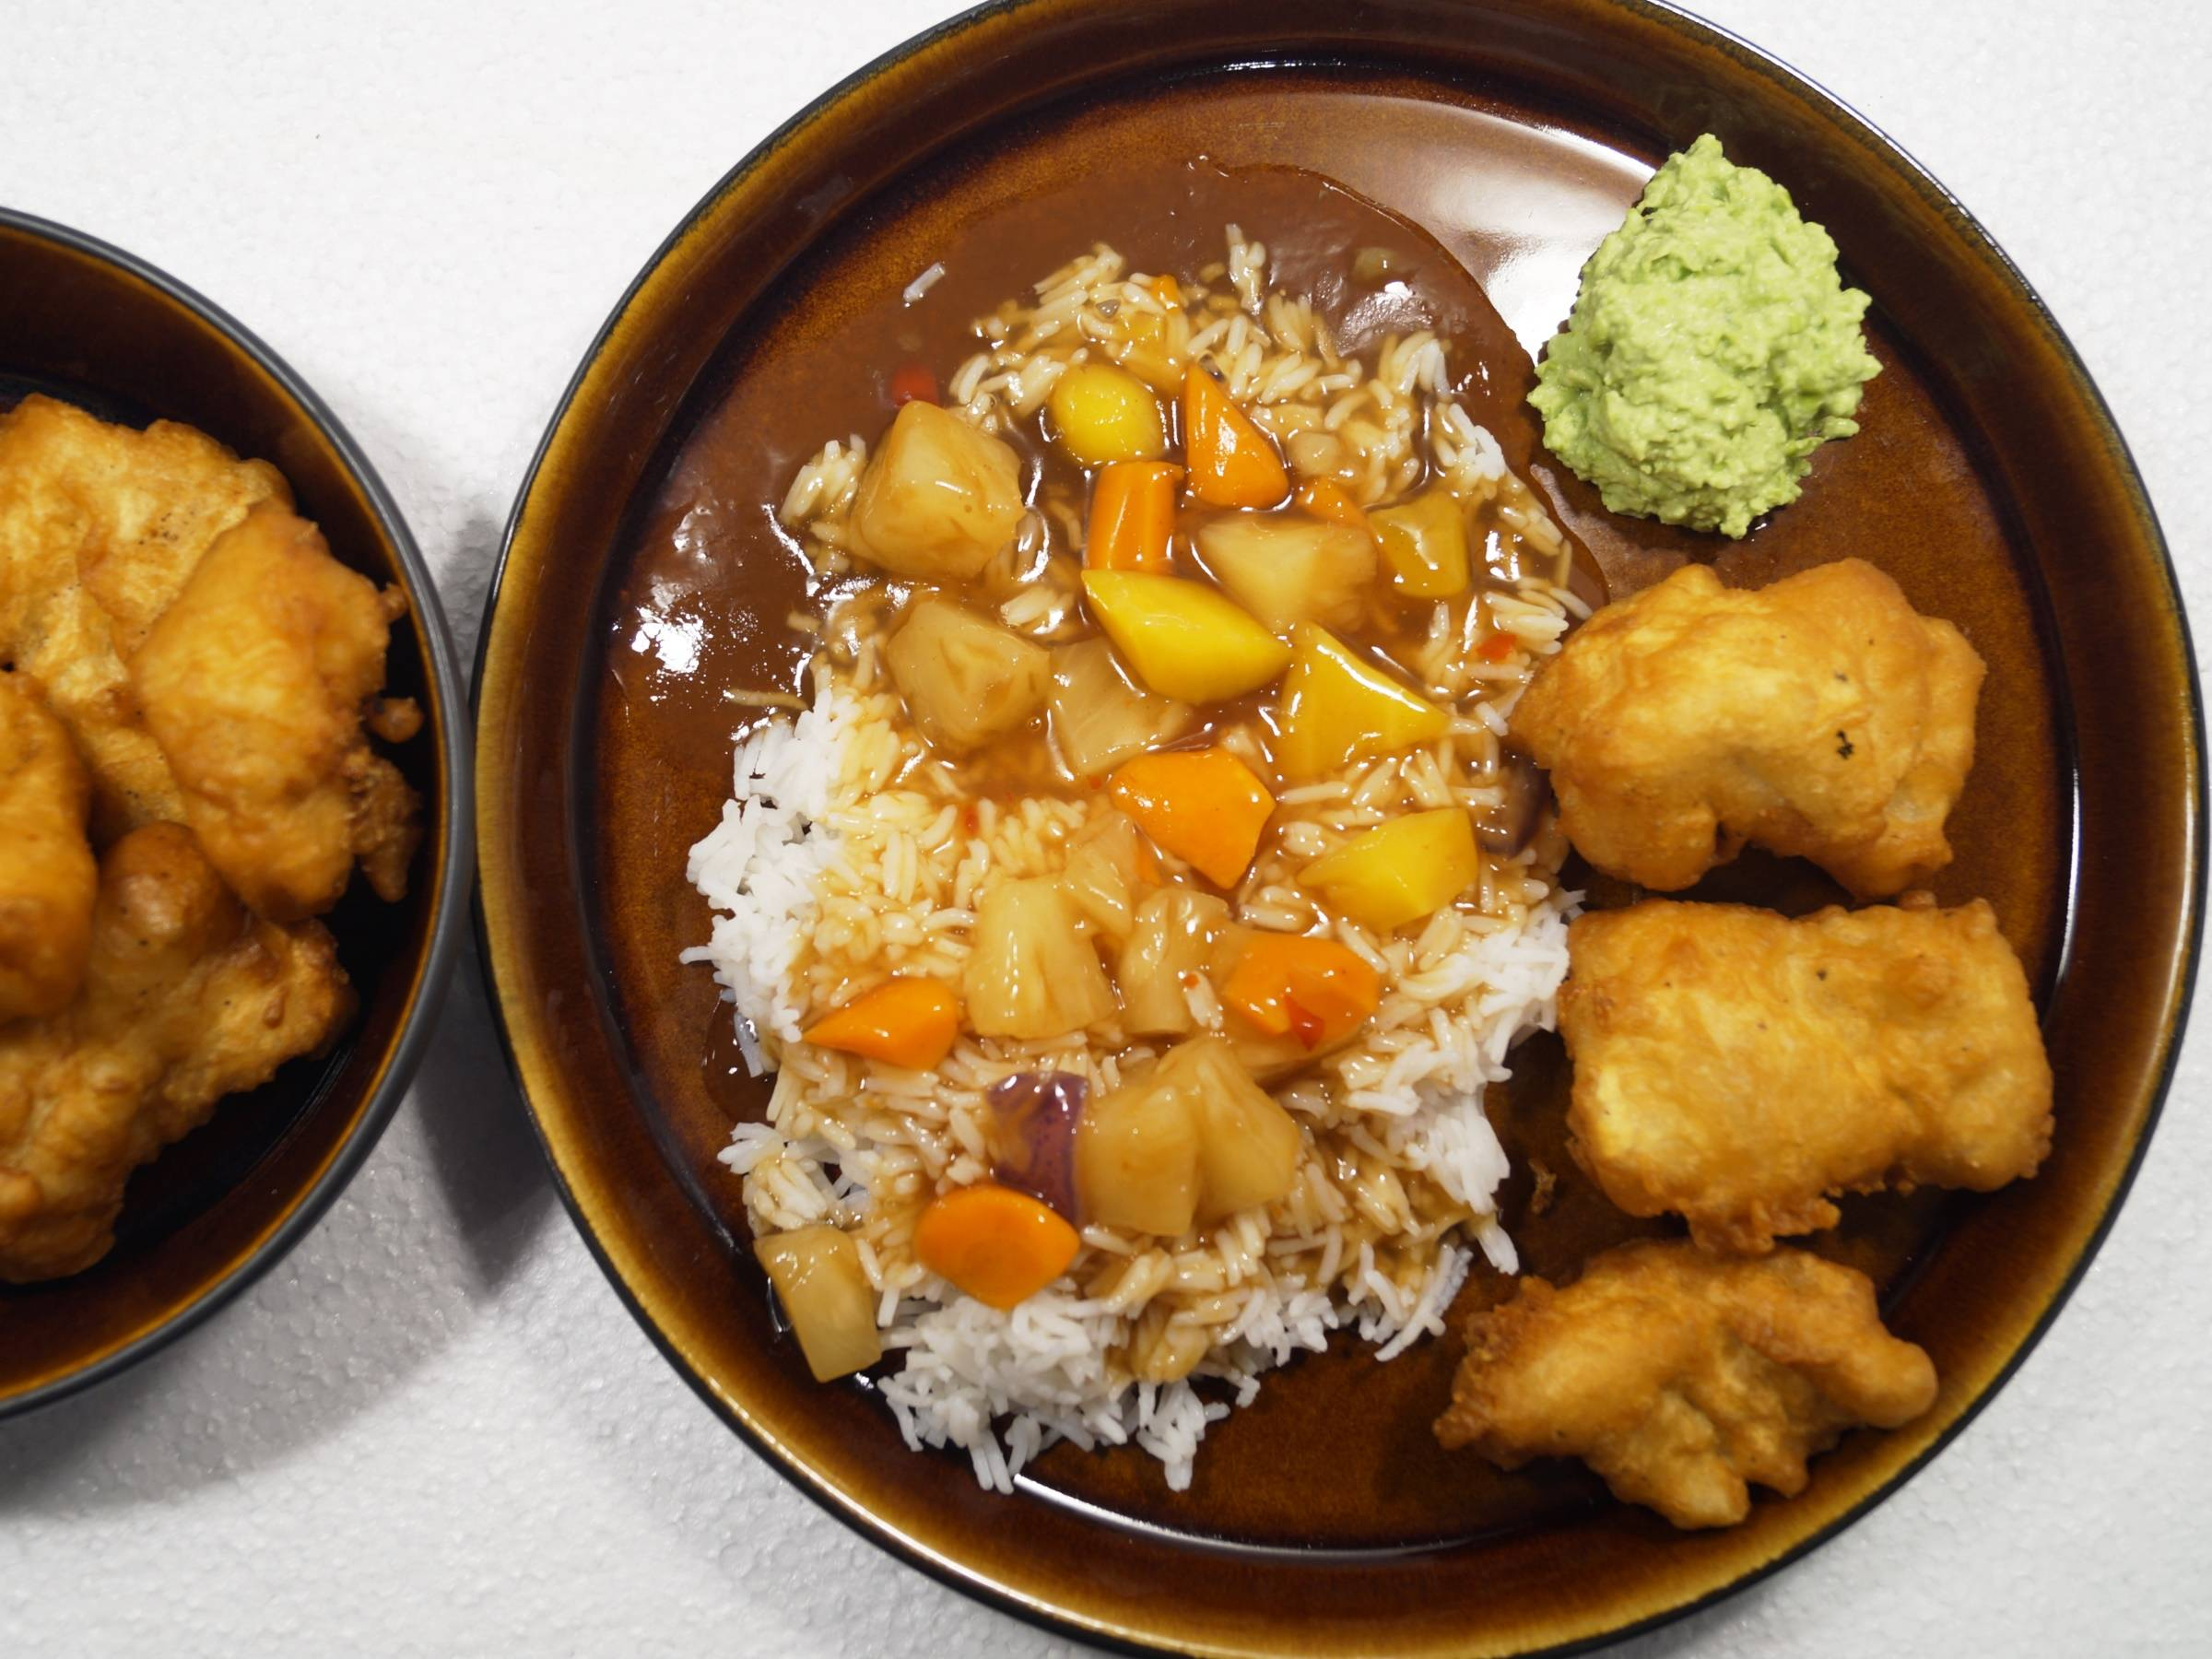 Indbagt torsk i tempura dej med sursød sauce